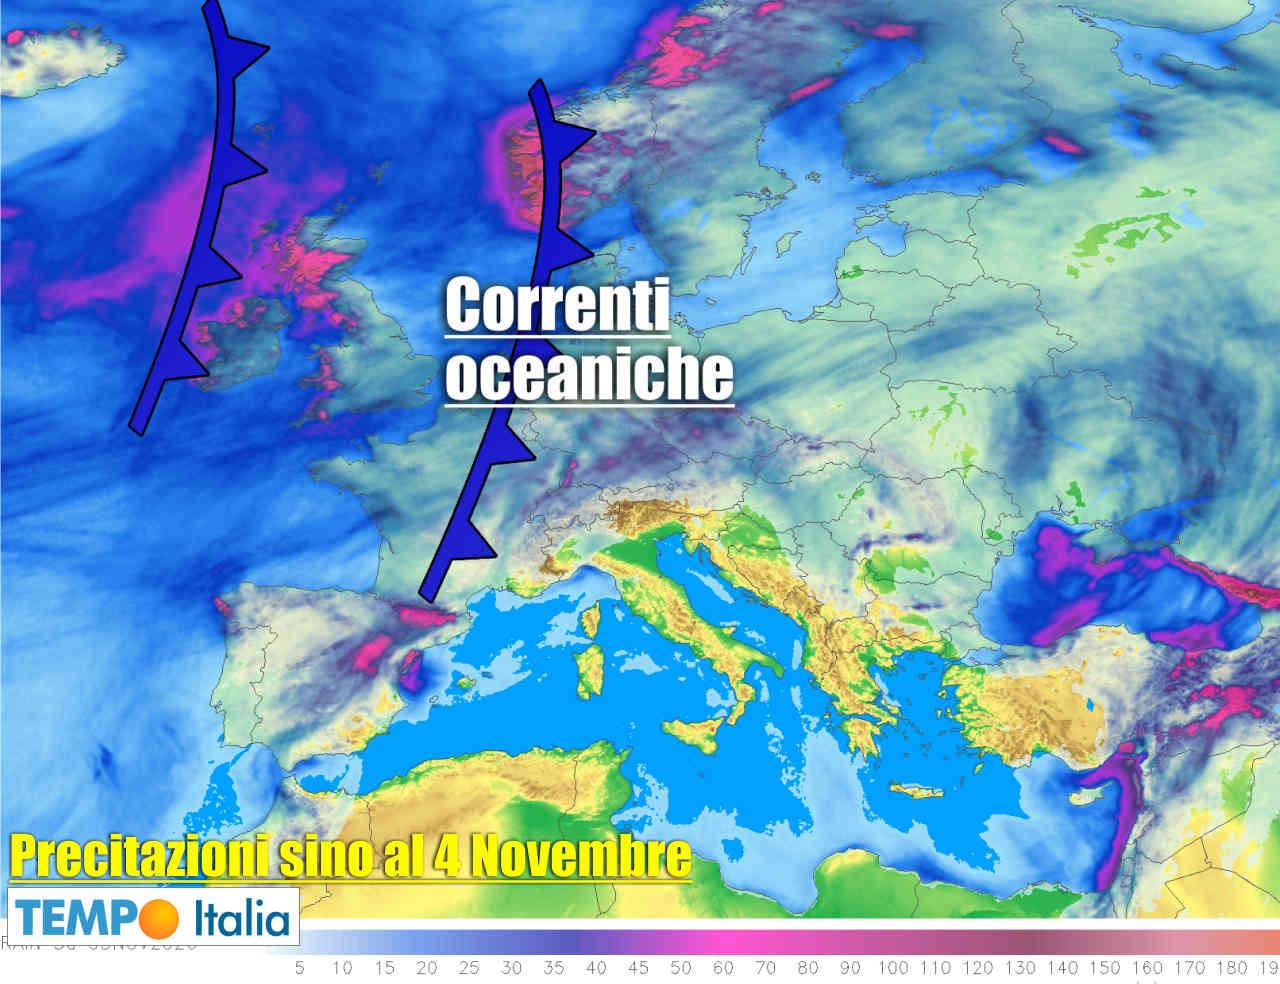 Precipitazioni previste prossimi giorni in Europa.